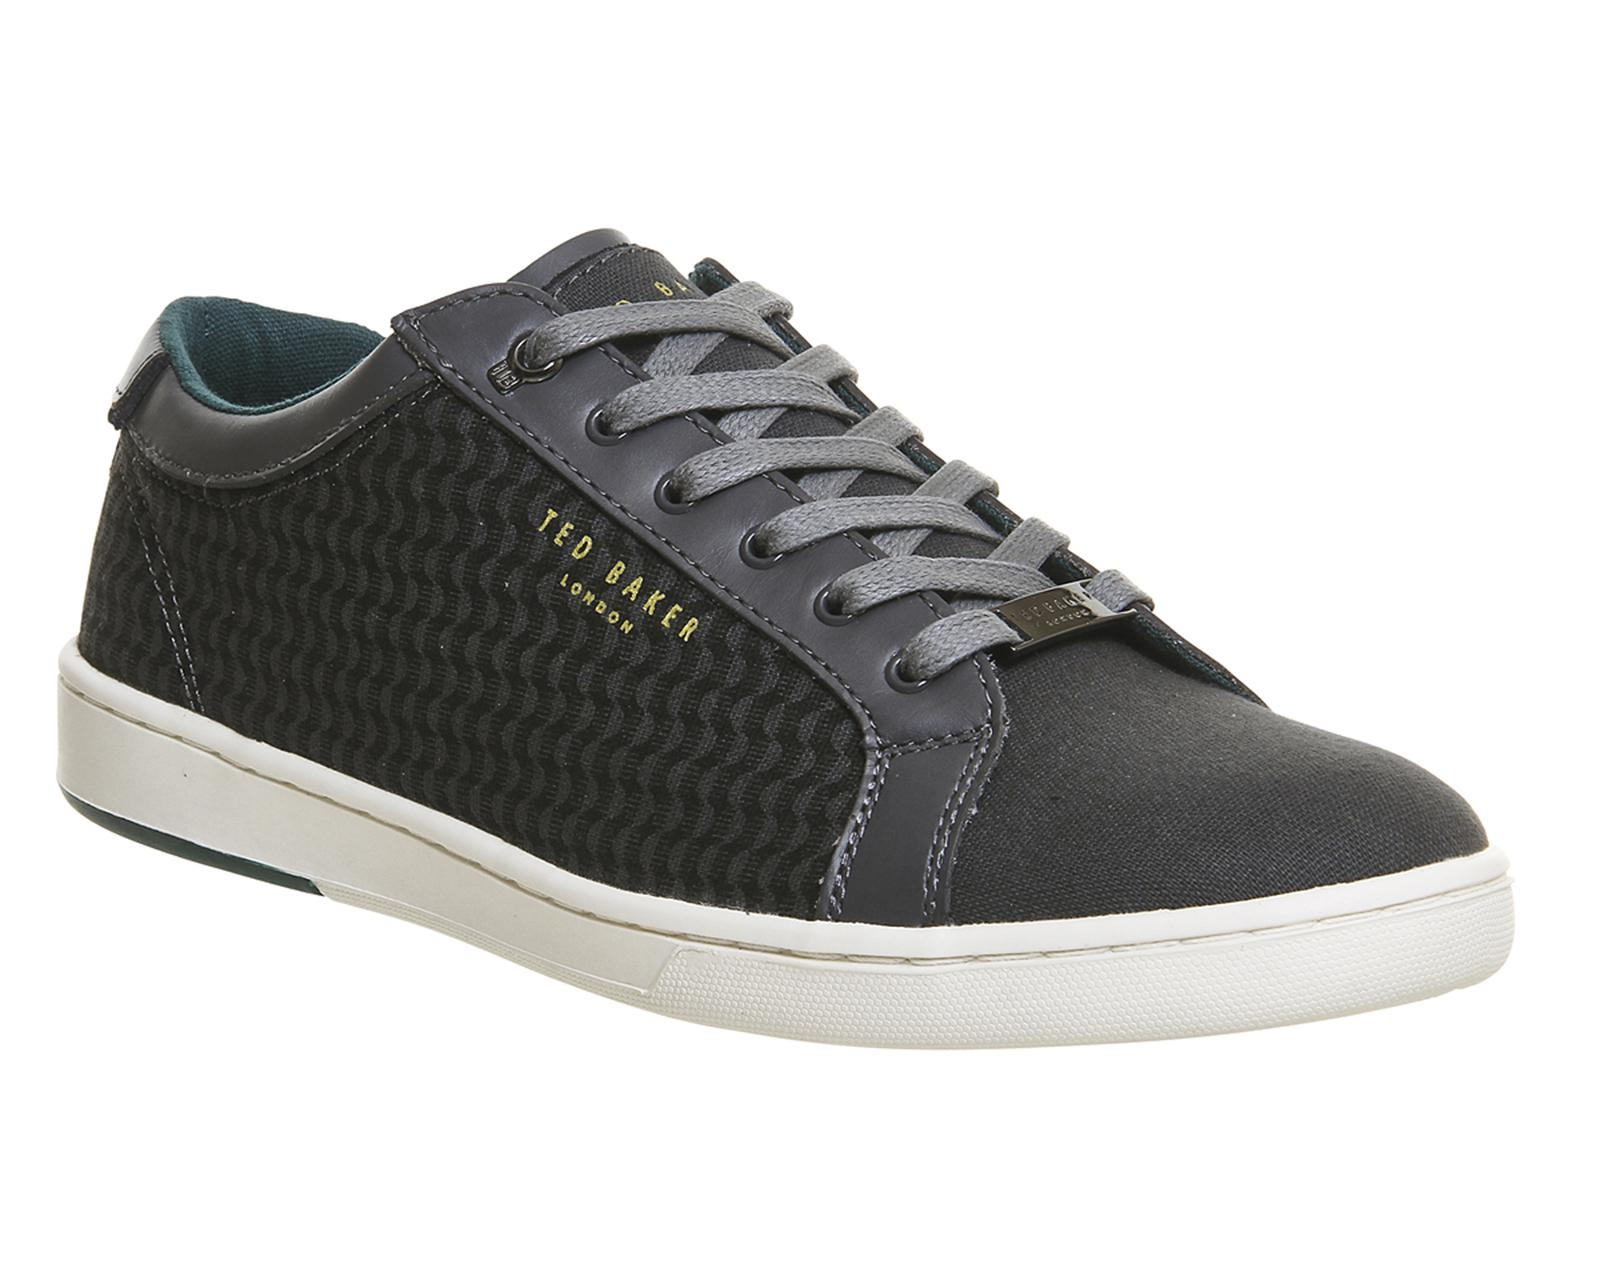 ac3c6d00ba495e Ted Baker Keeran 3 Sneaker in Gray for Men - Lyst